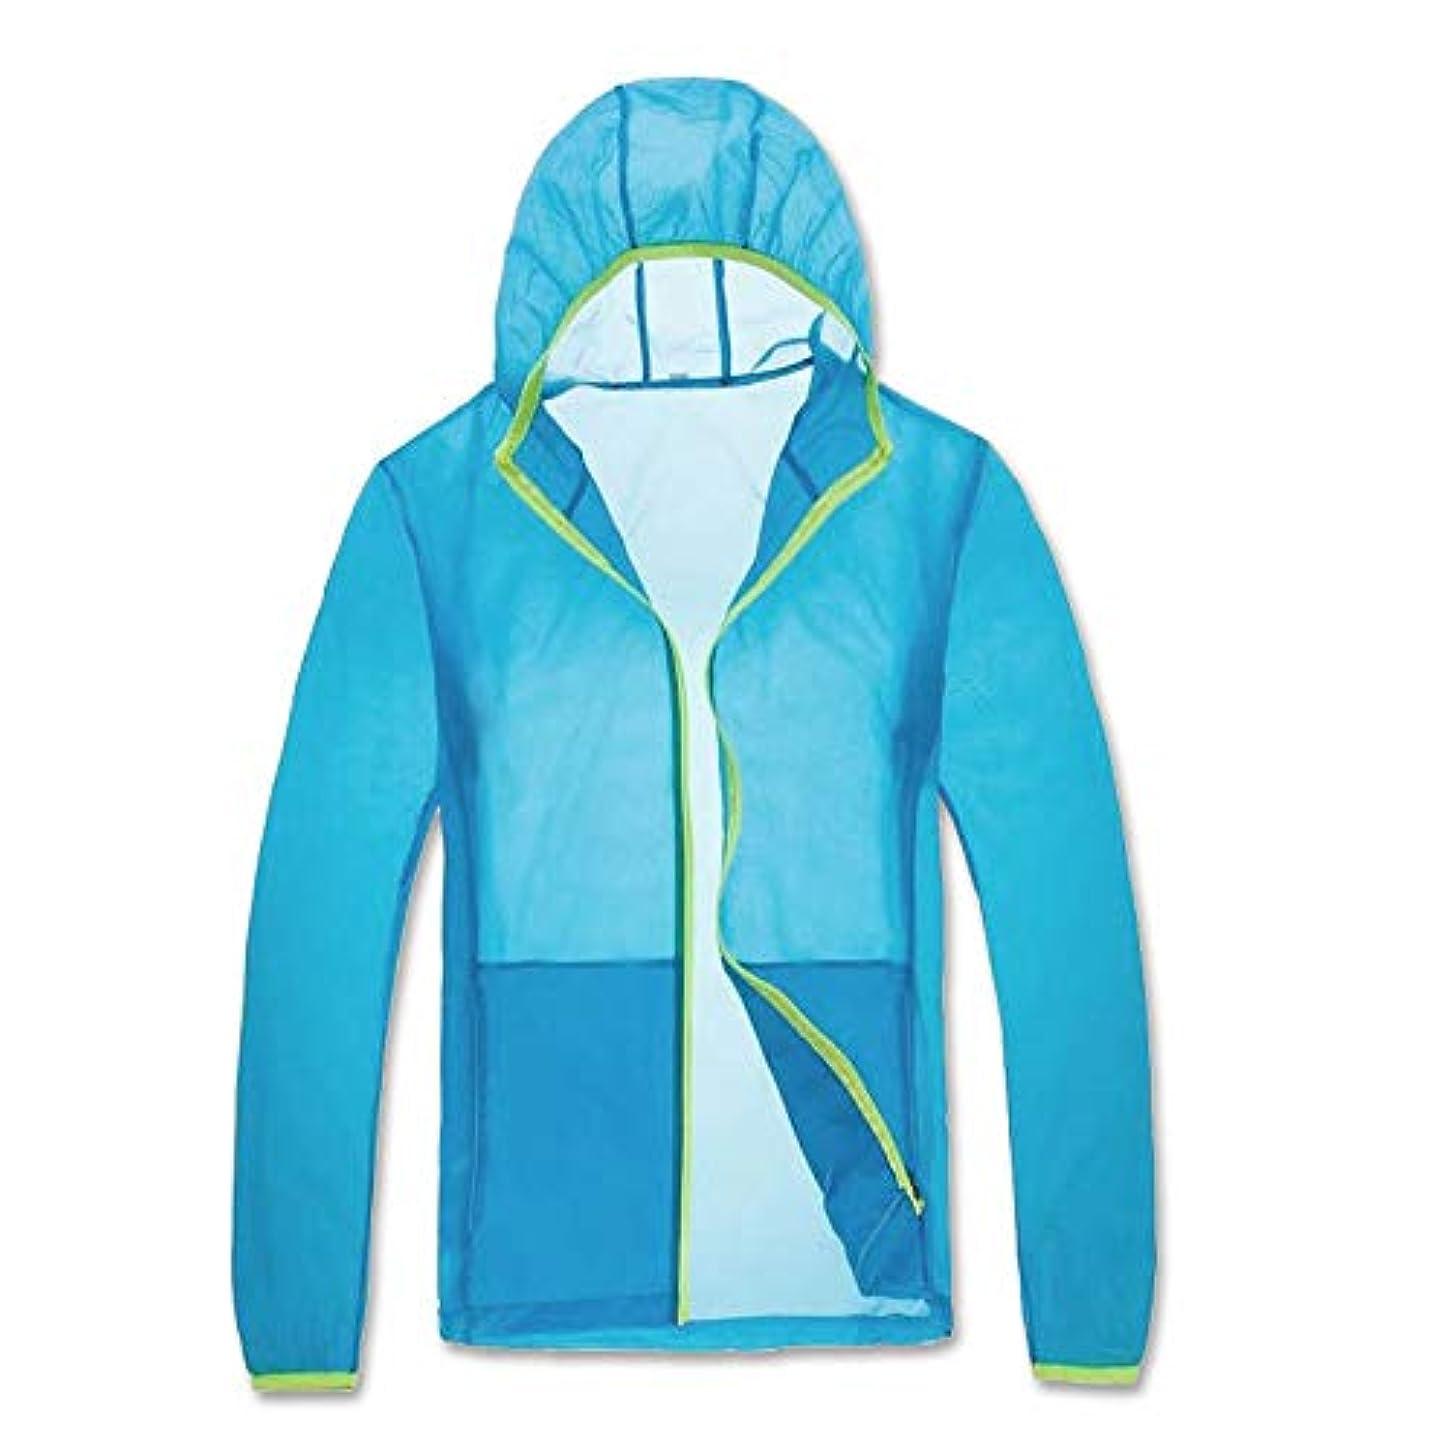 同時土地キャンパス夏のエアコン衣類ファン冷却衣服冷却ジャケット日焼け止め防蚊防水ジャケットスキンコート,Blue,L